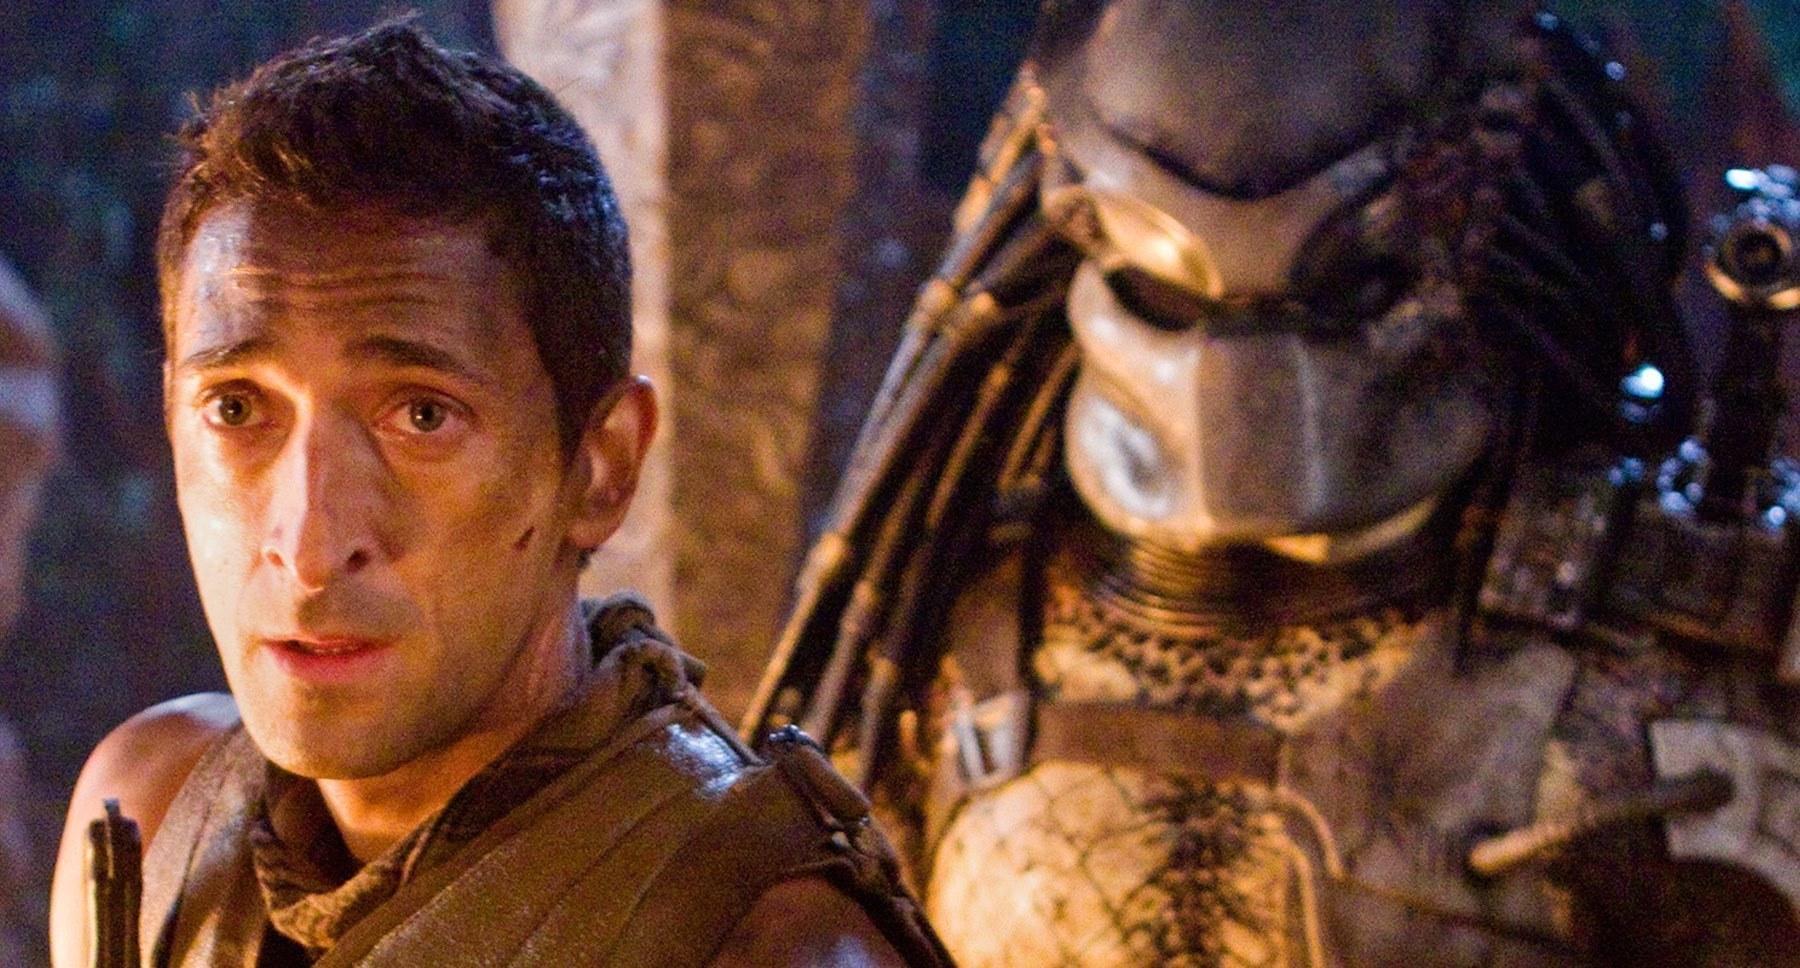 """Adrien Brody (as Royce) standing with a Predator behind him in """"Predators"""""""